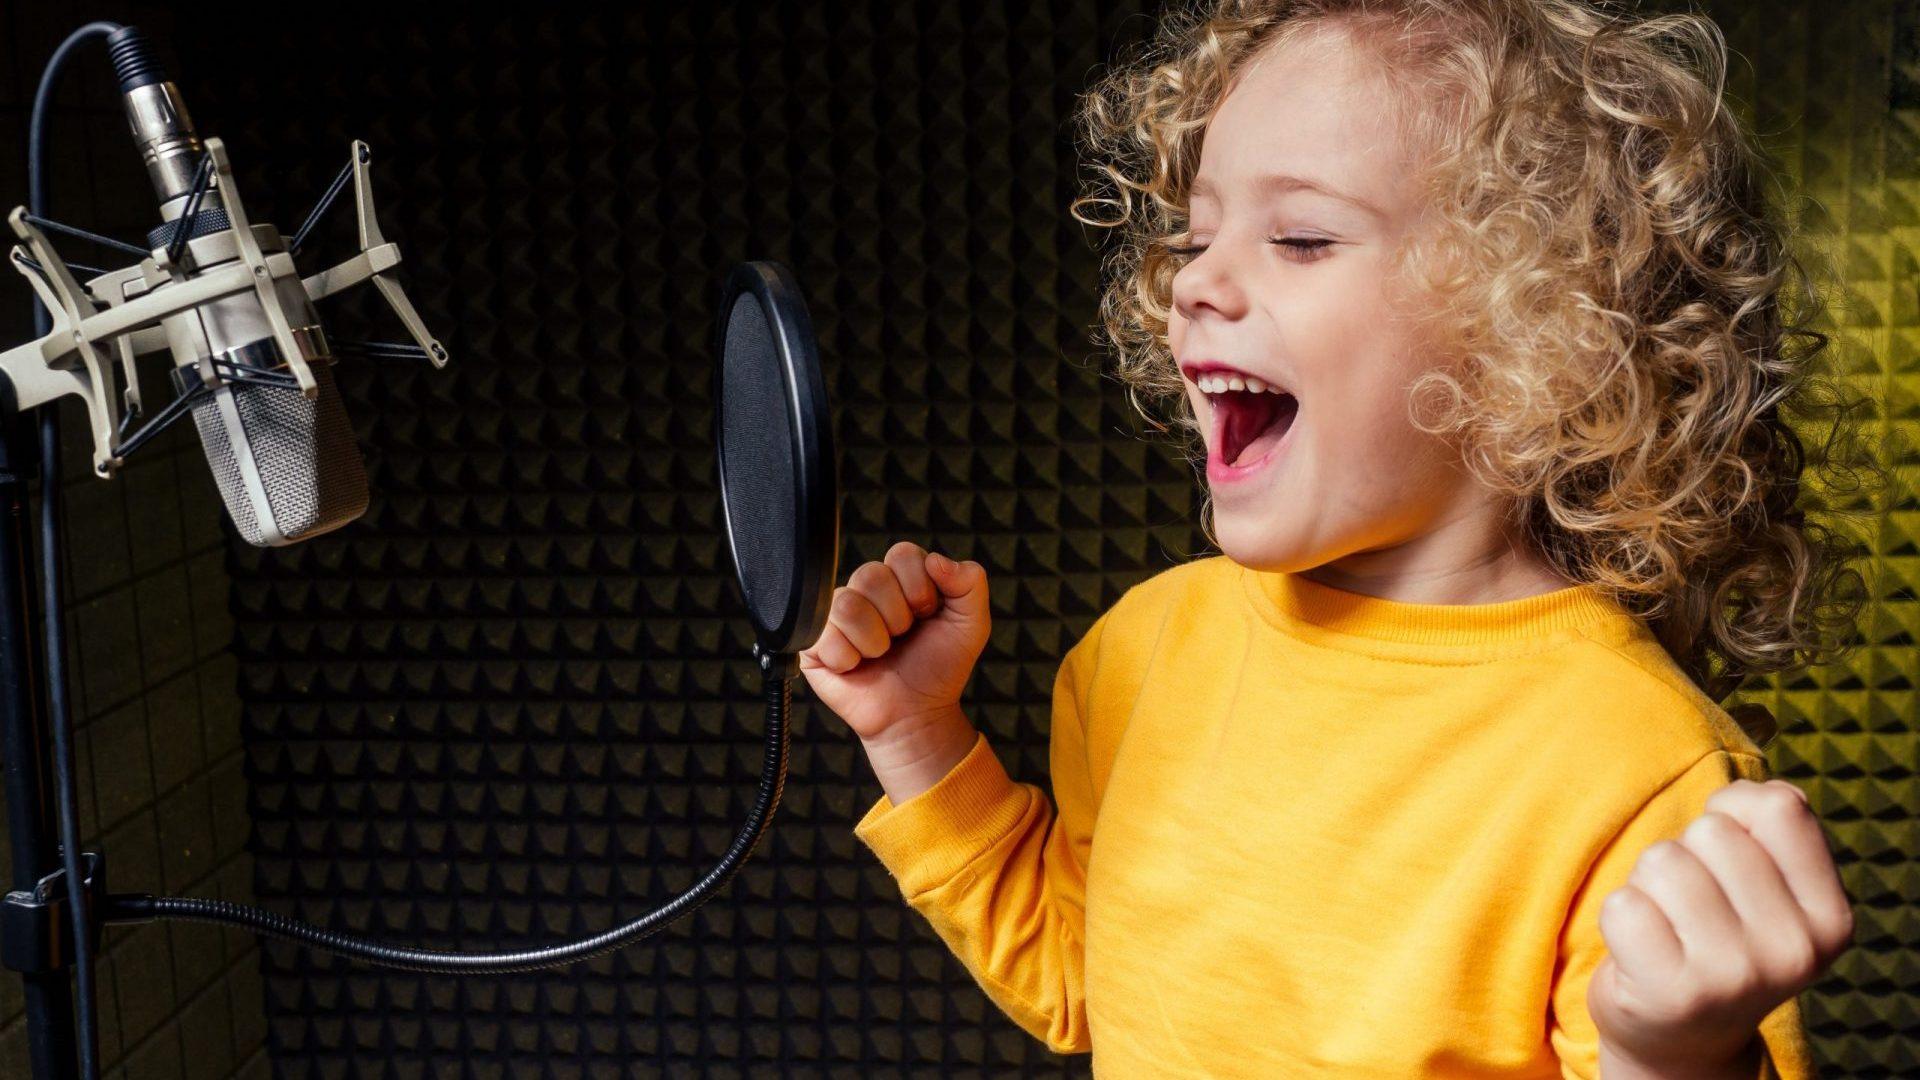 child dubbing